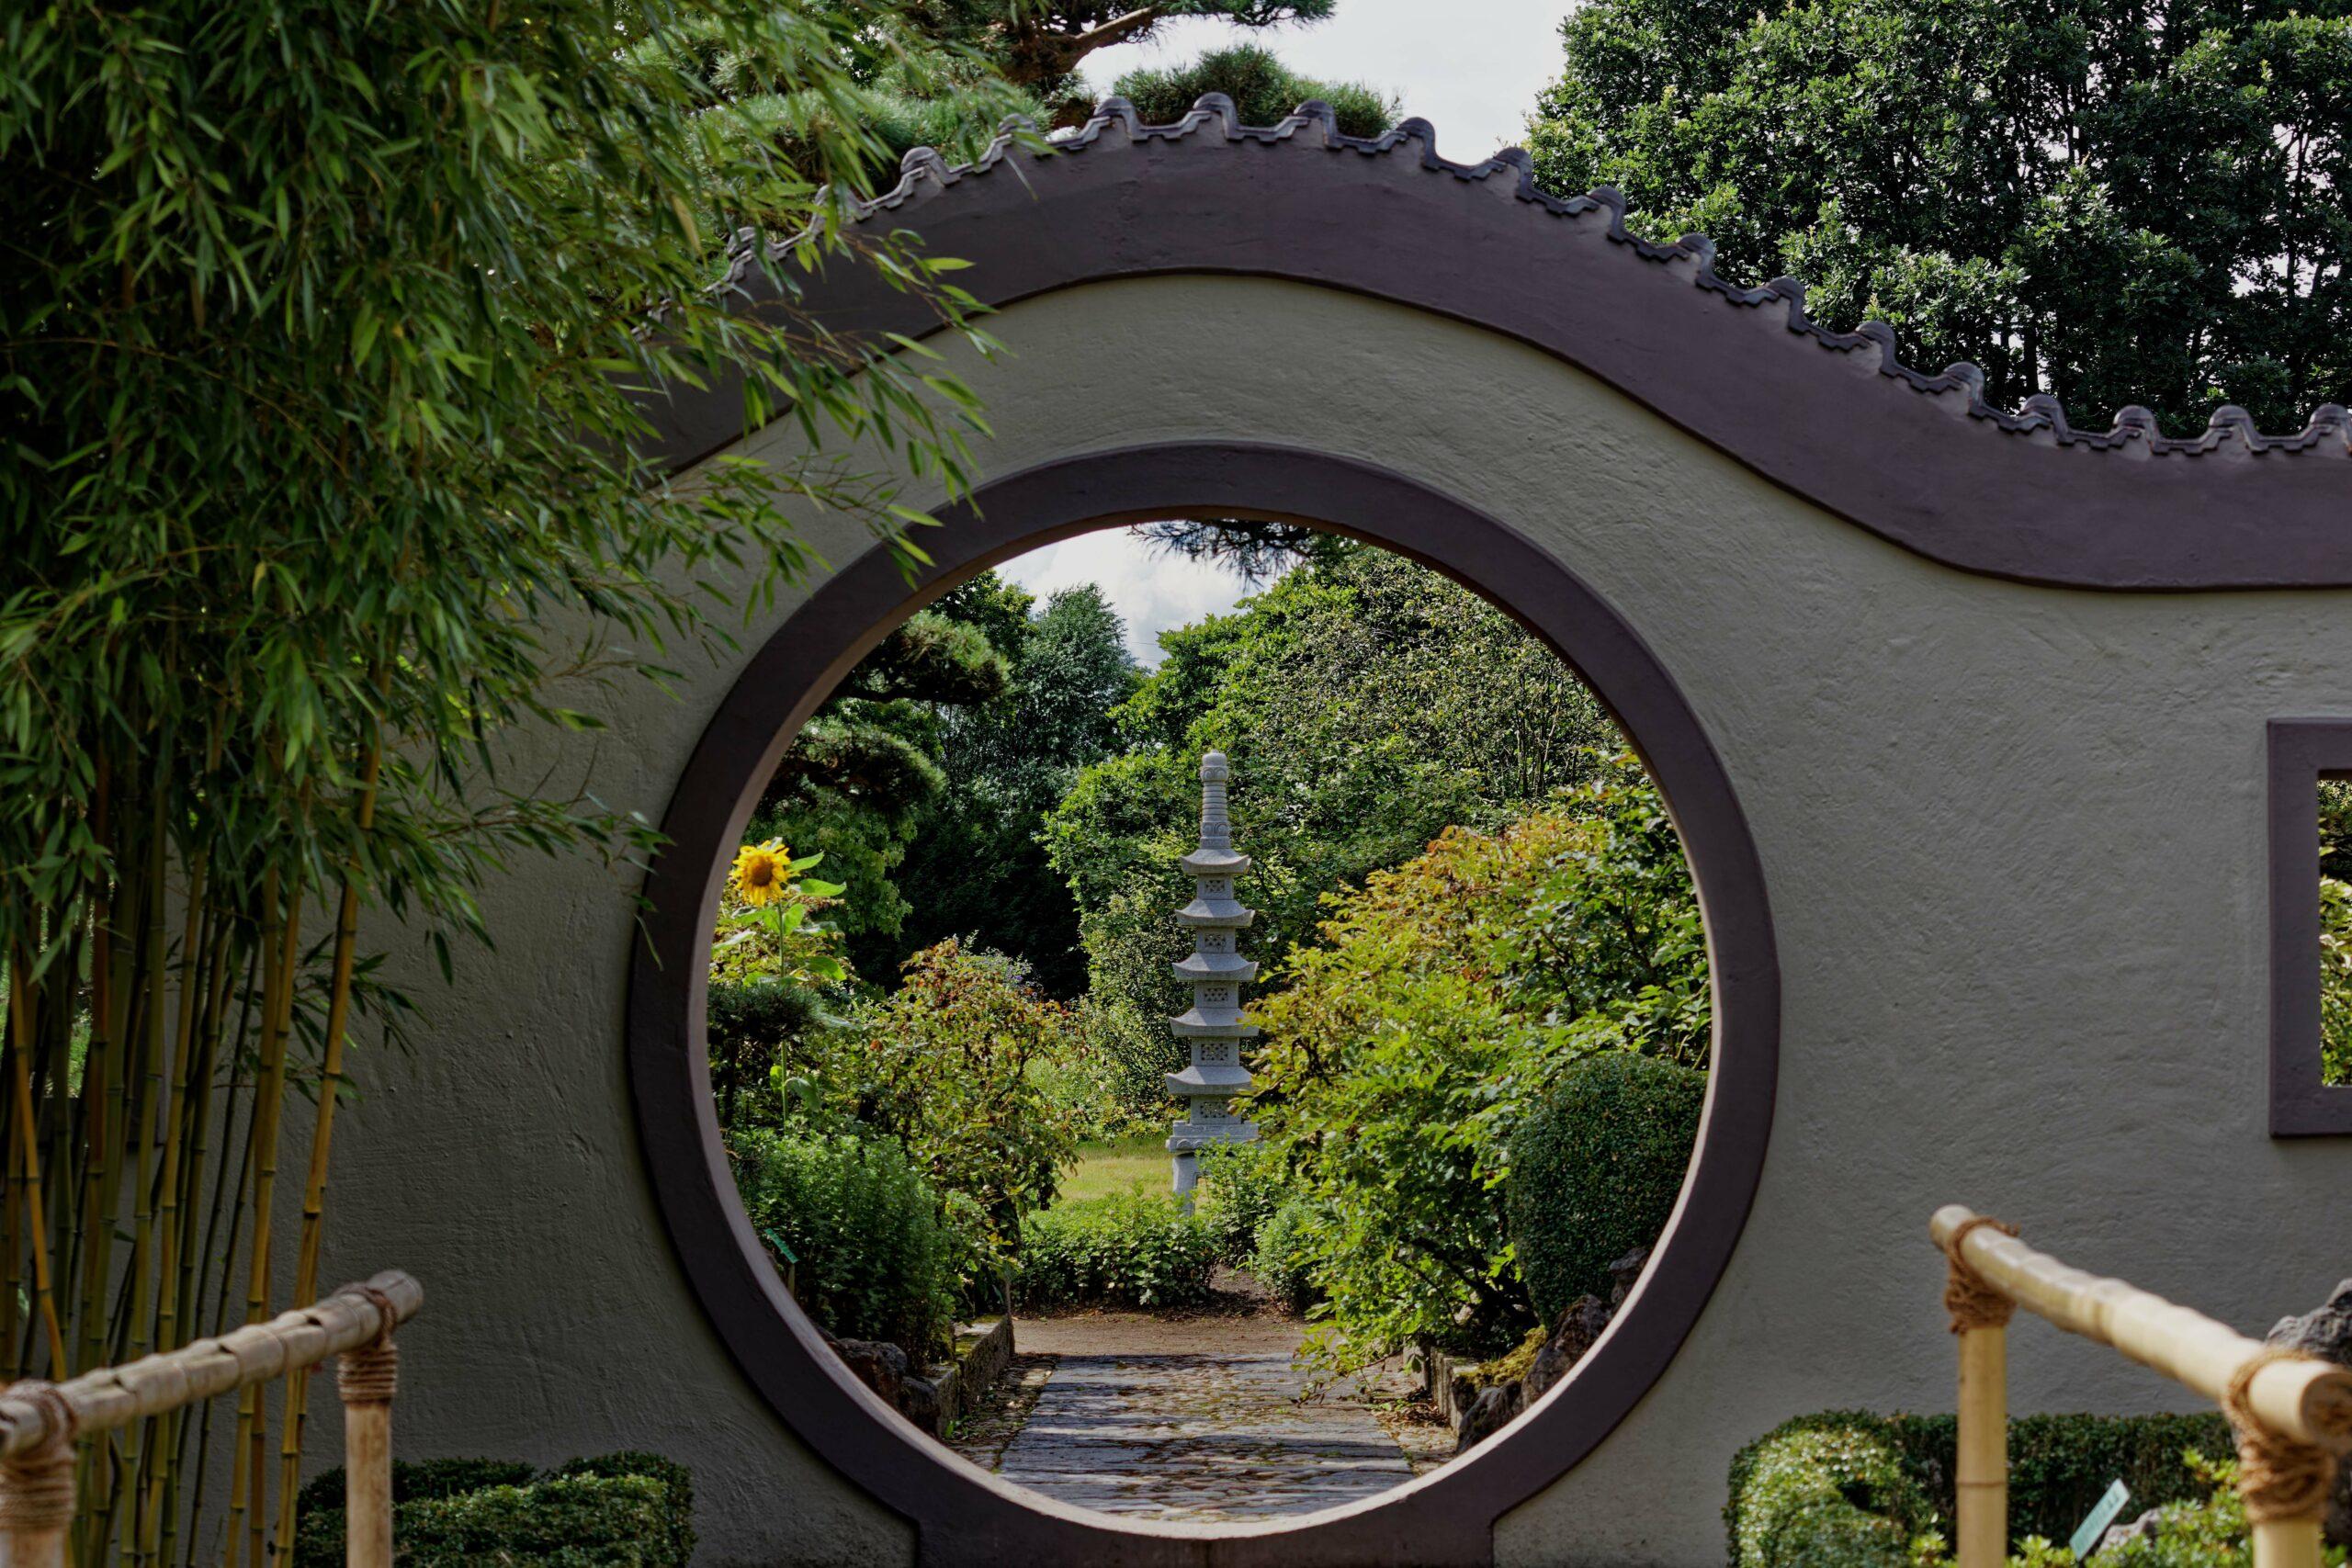 Bodo Jarren- Arboretum Ellerhoop 03.08.2021 - Durchblick